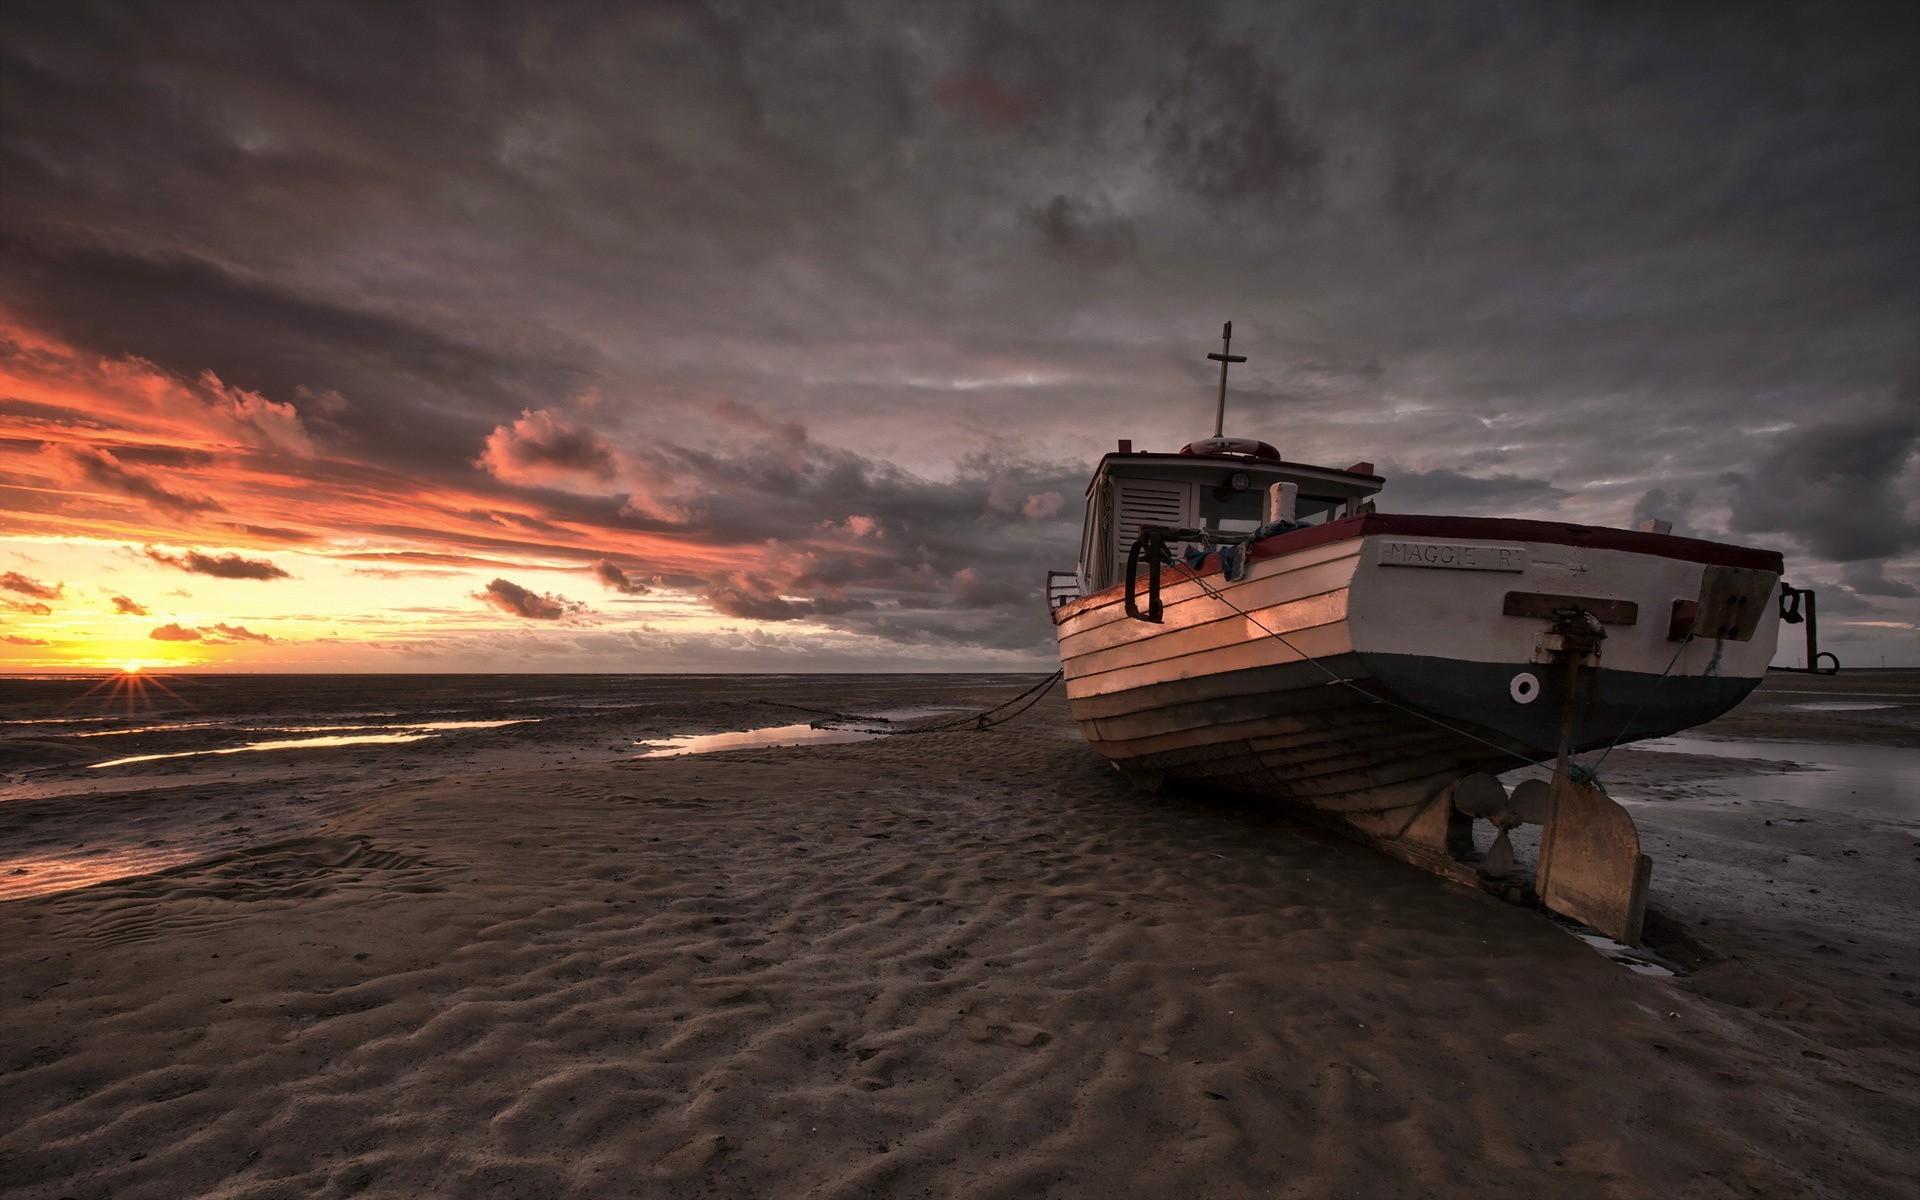 лодка получи песке закат